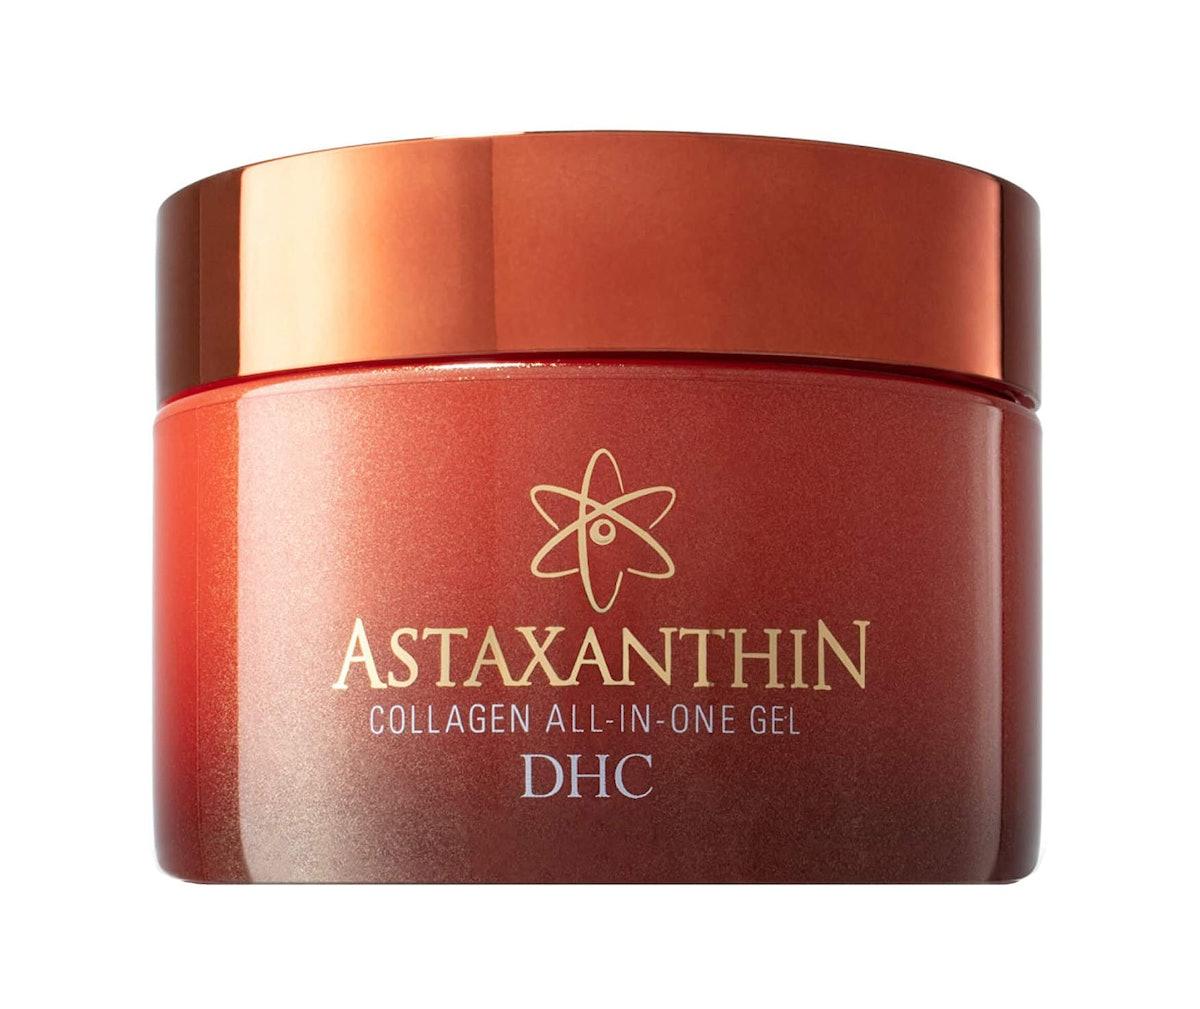 Astaxanthin Collagen All-in-One Gel